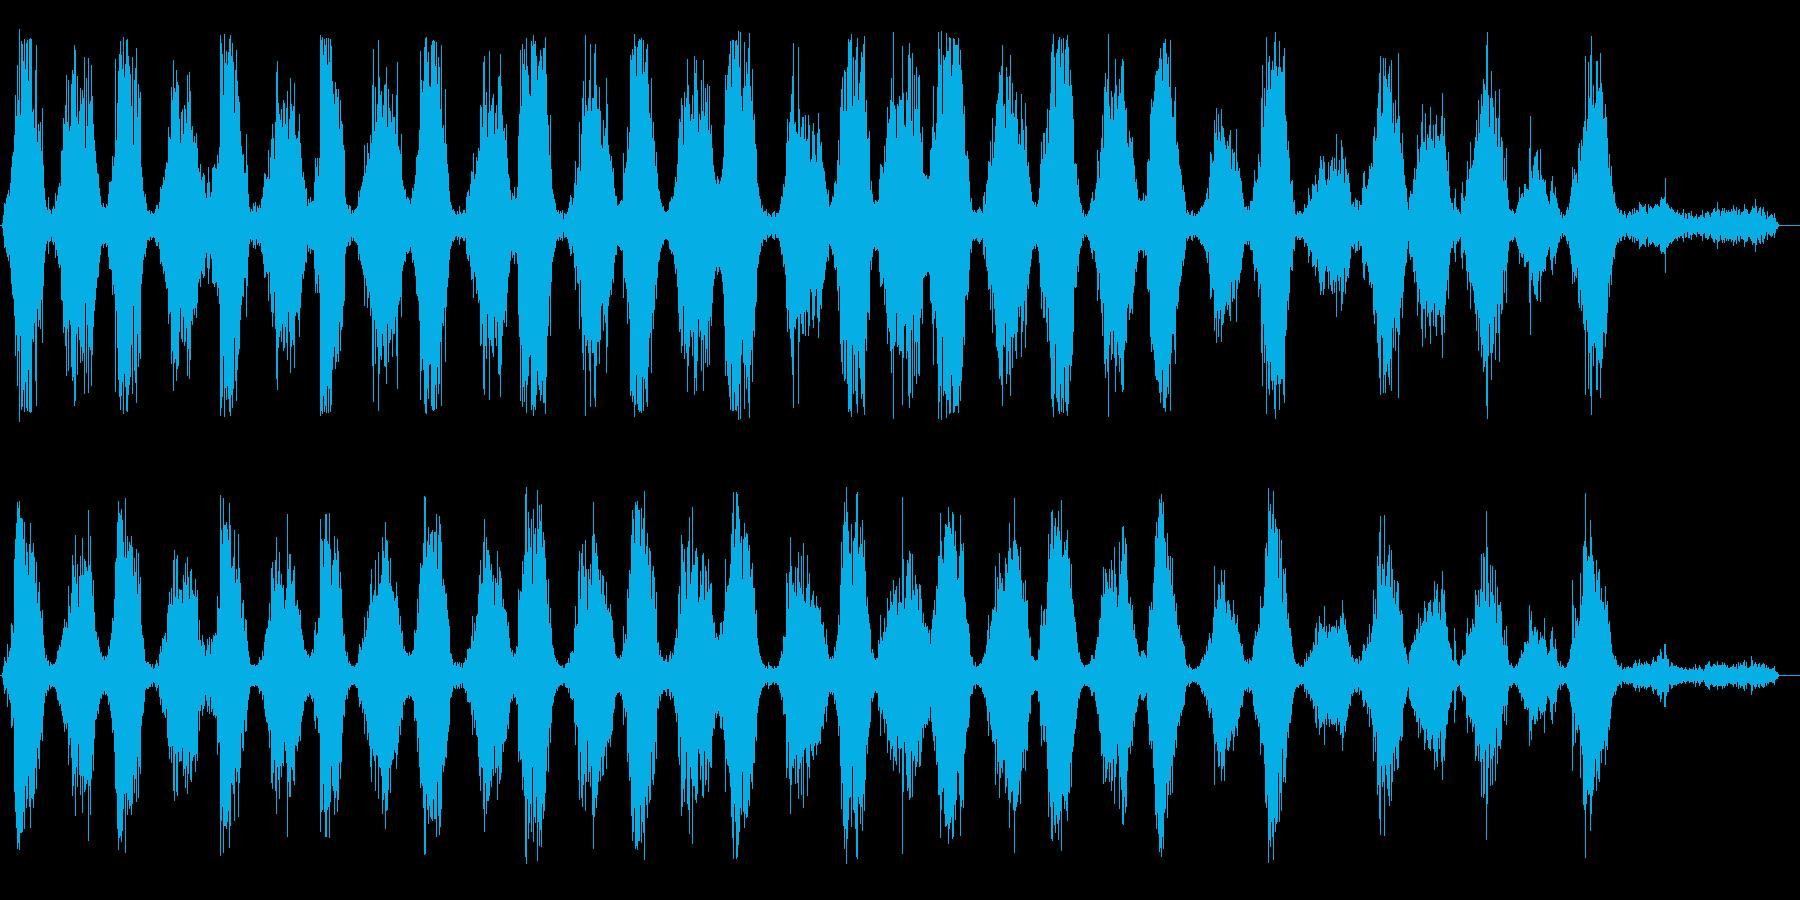 ゼシュゼシュ(鋸を繰り返し引く音)の再生済みの波形